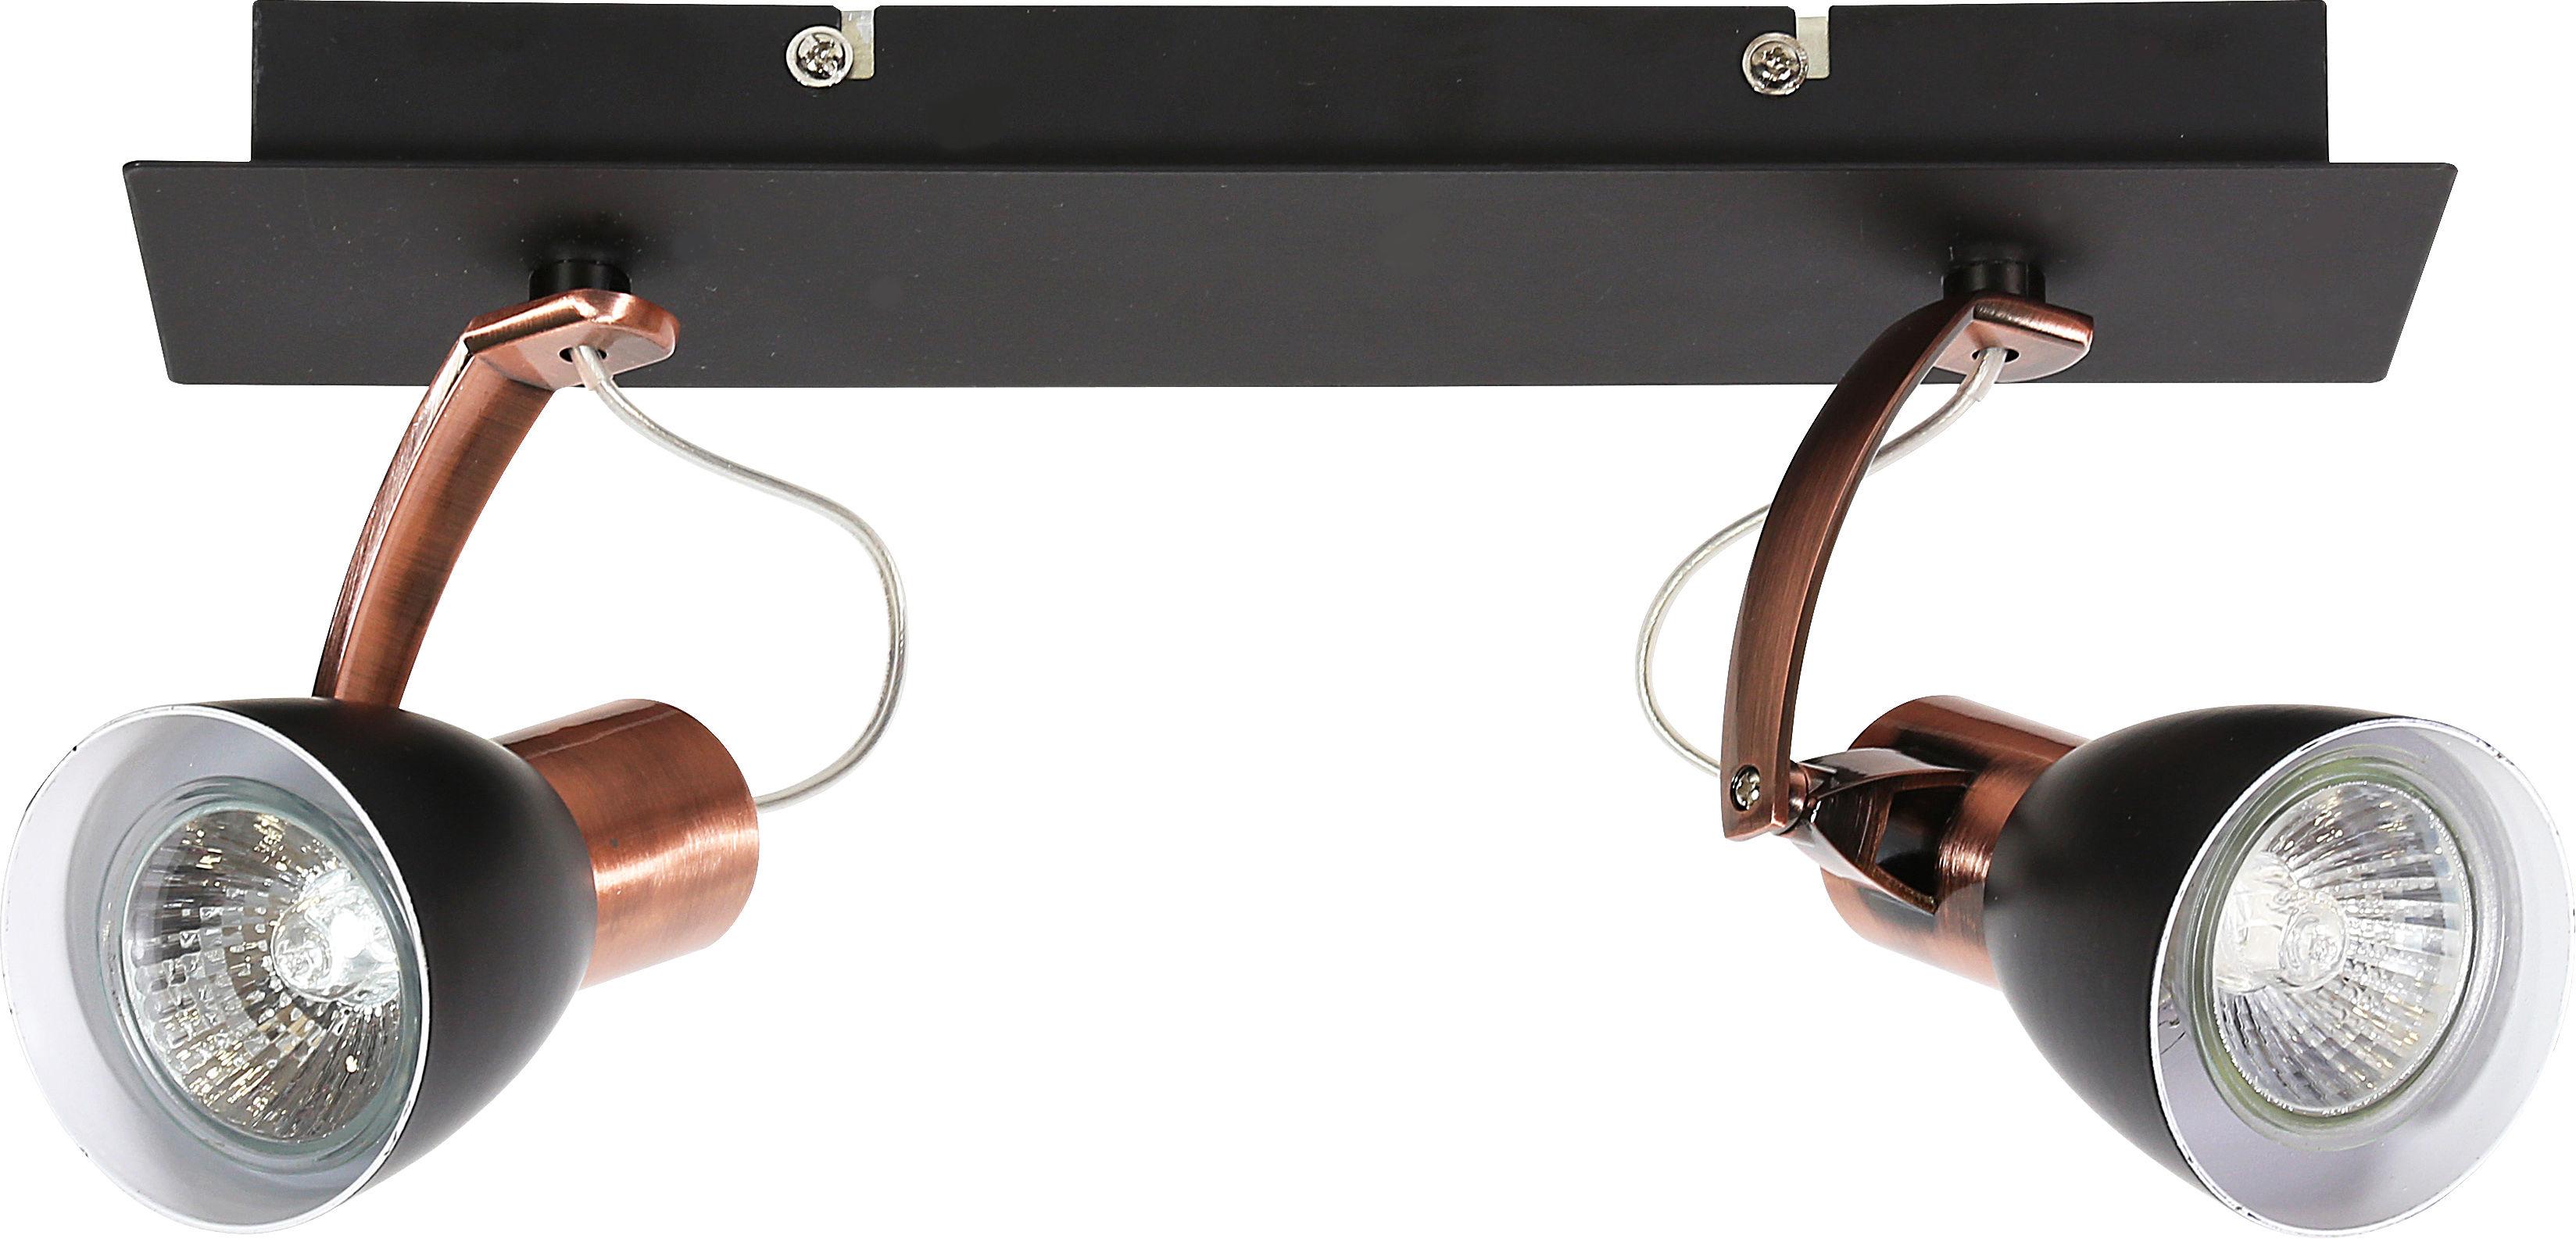 Candellux MARKUS 92-37442-M oprawa oświetleniowa spot czarny+-miedziany 2X50W GU10 30cm